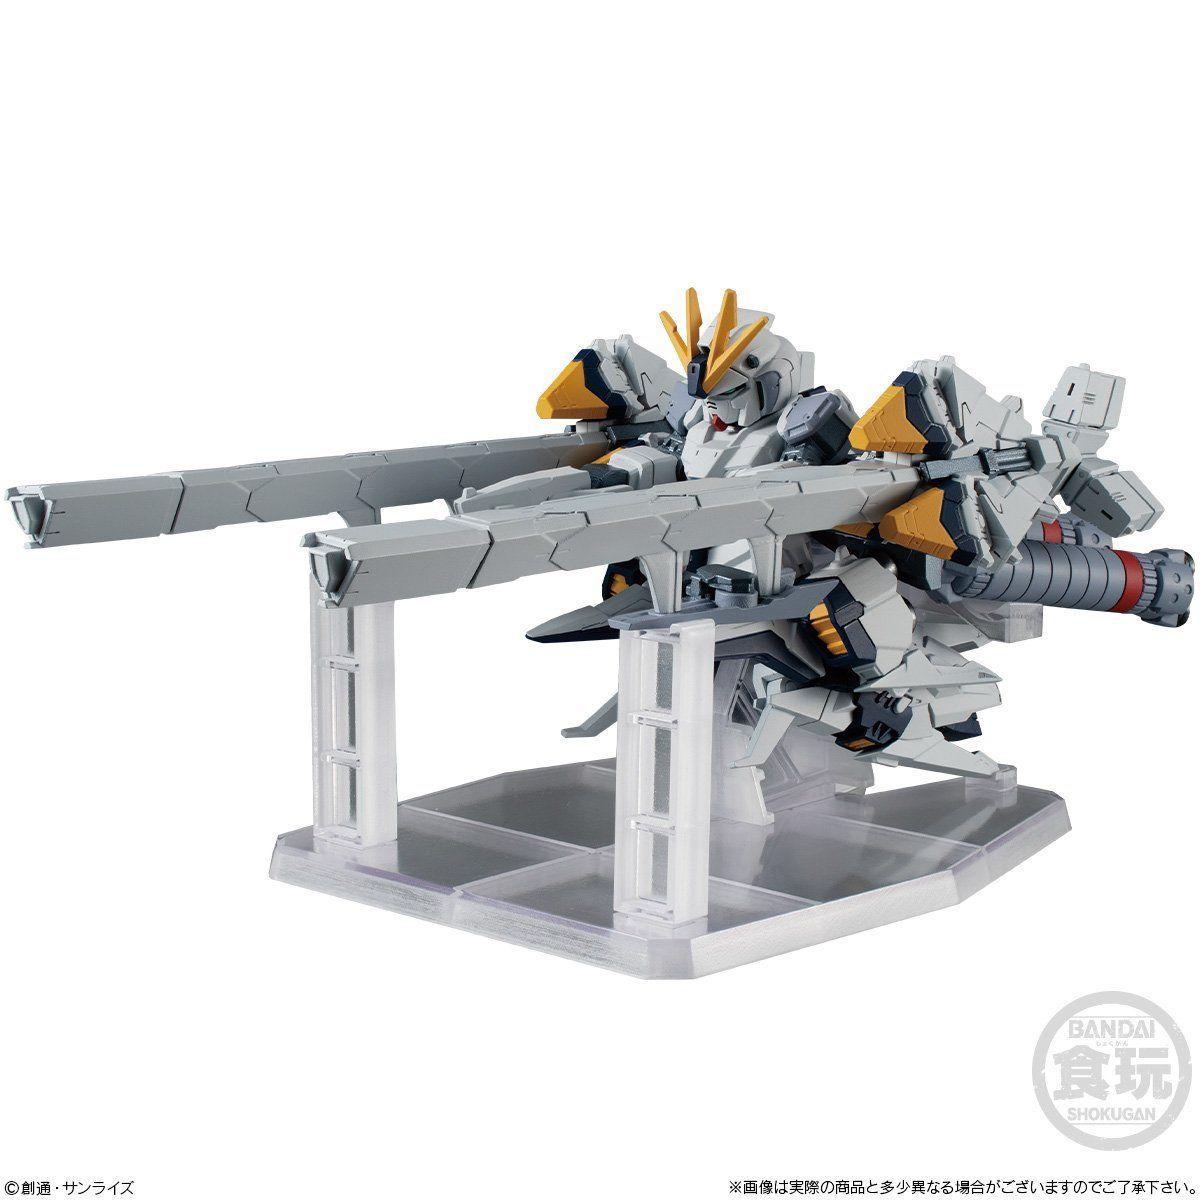 【食玩】FW GUNDAM CONVERGE『EX28 ナラティブガンダムA装備』機動戦士ガンダムNT 食玩フィギュア-003